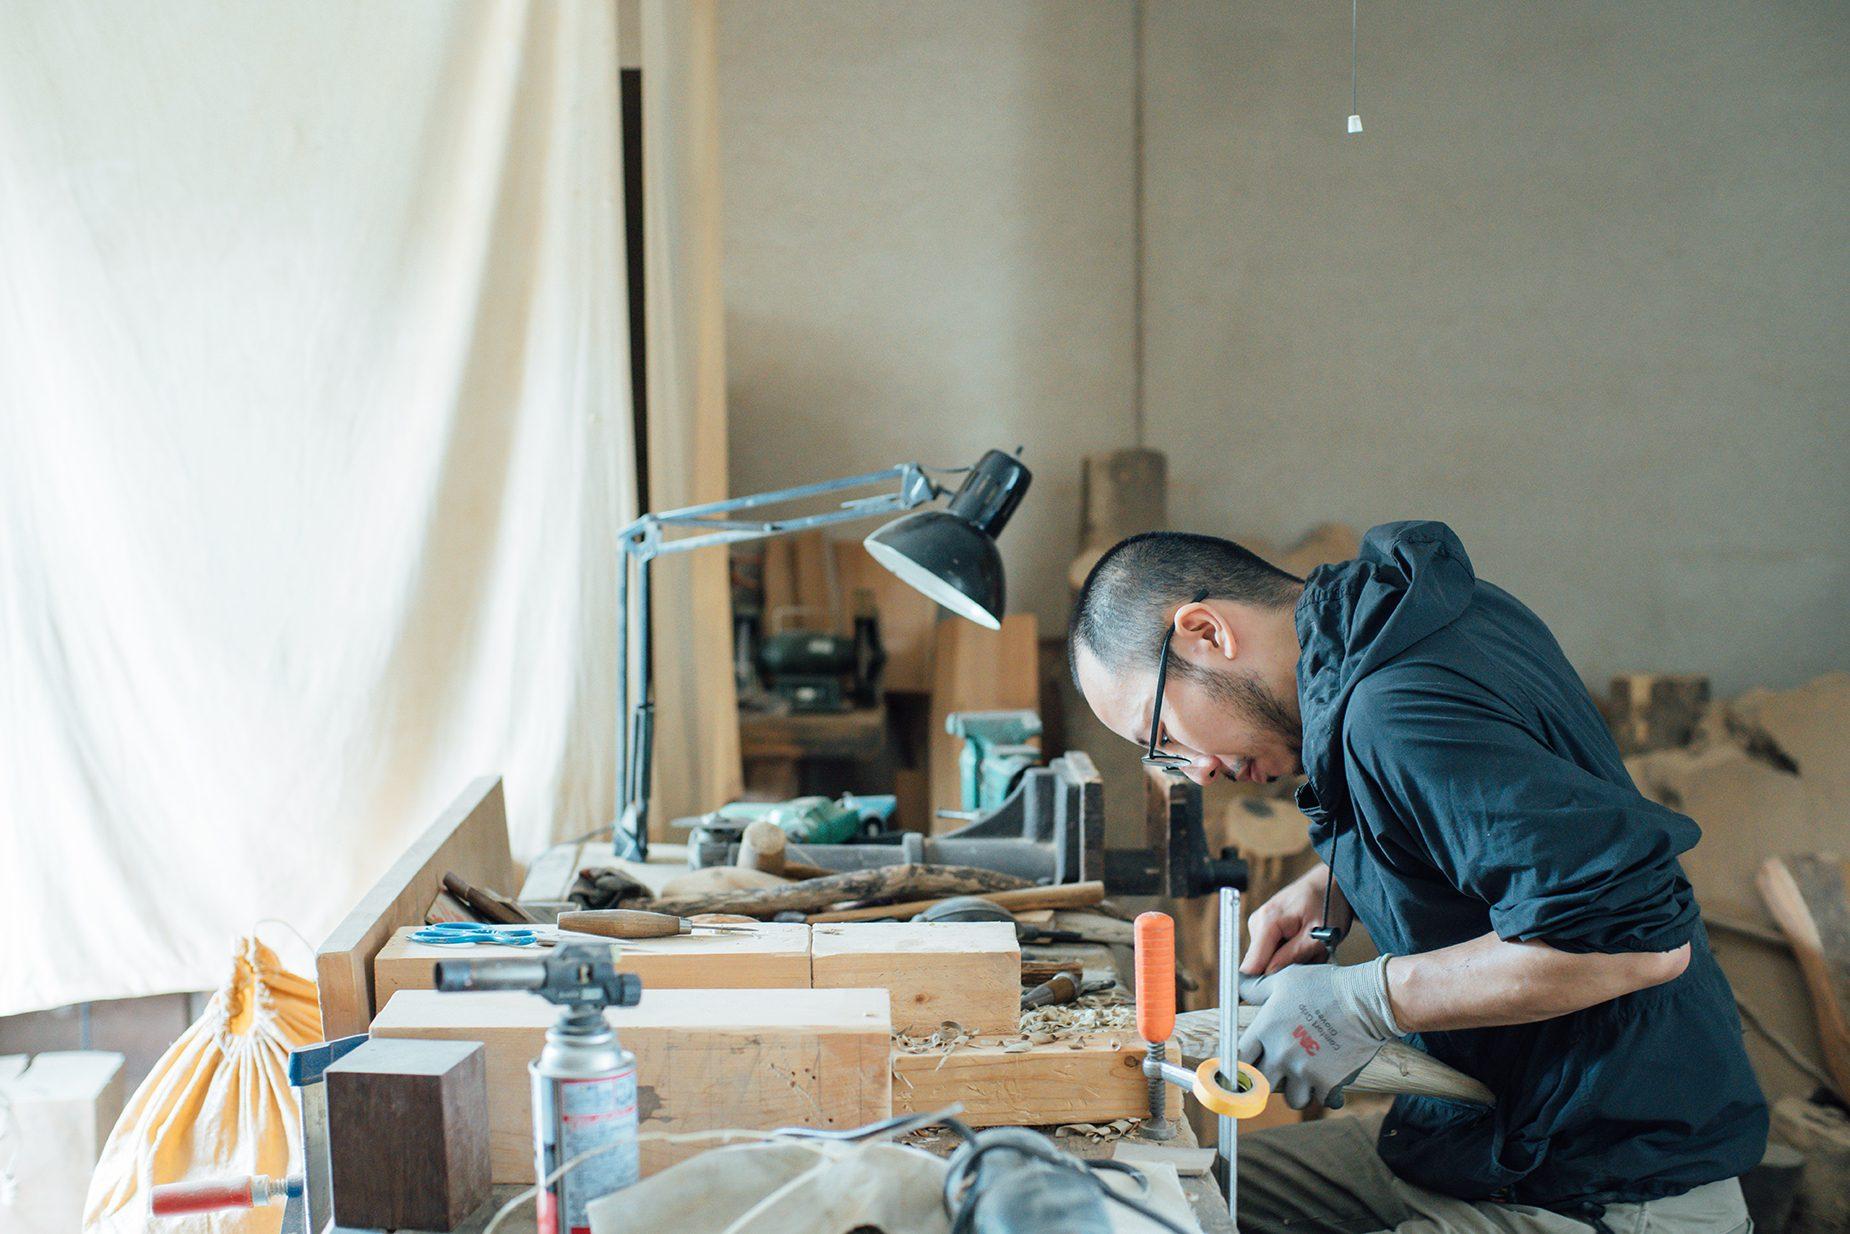 彼の工房は家のリビングのすぐ横にあるガレージを利用している。 暮らしも創作もまさに地続きな環境。